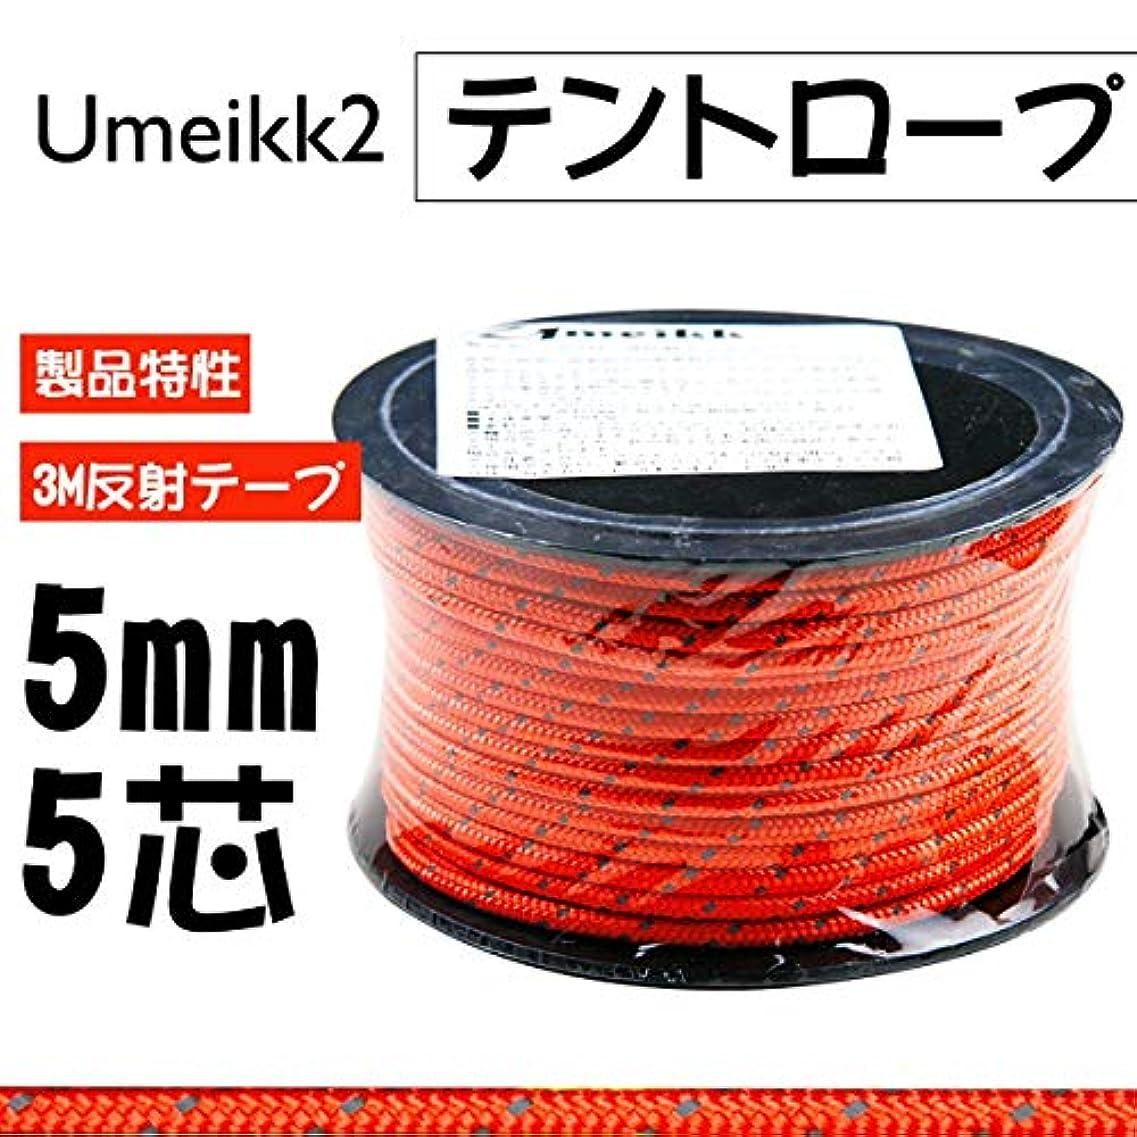 累積トン移植Umeikk 3M 反射材入 5mm 5芯 耐荷重255kgガイロープ/反射/ガイライン/テントロープ/キャンプ/テント/タープ